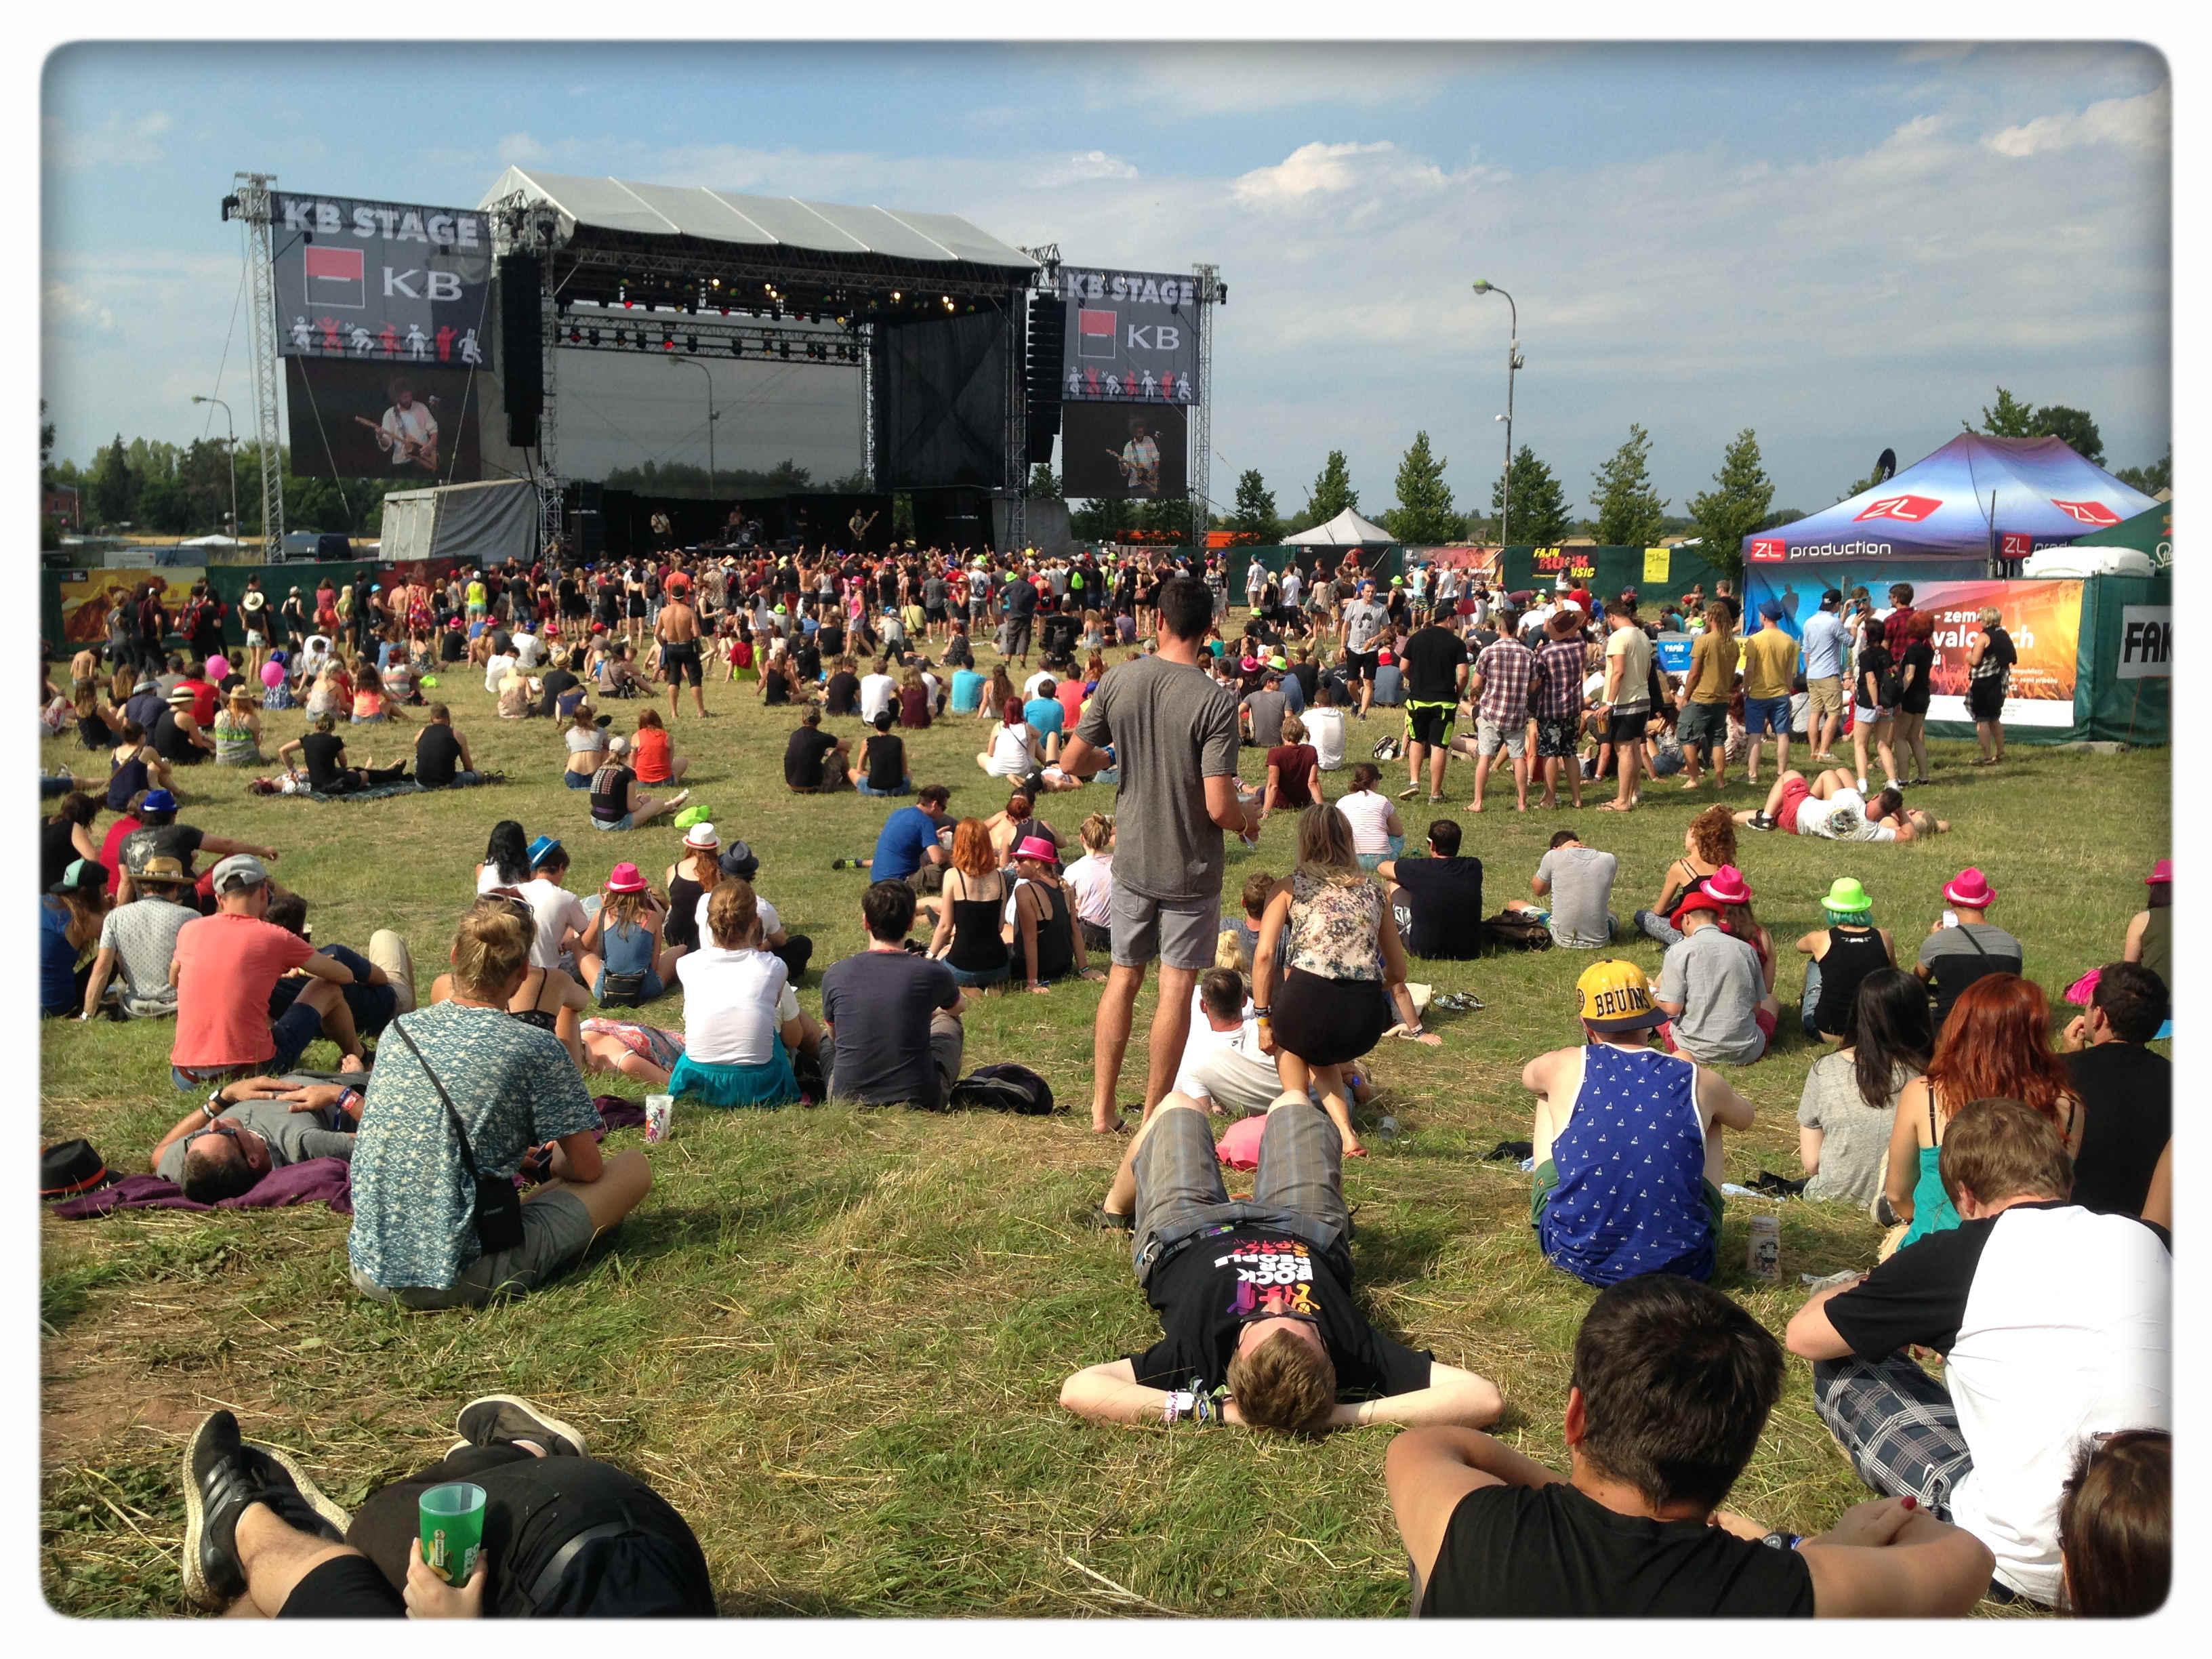 A między koncertami - chill na trawie, fot. Angelika Ogrocka